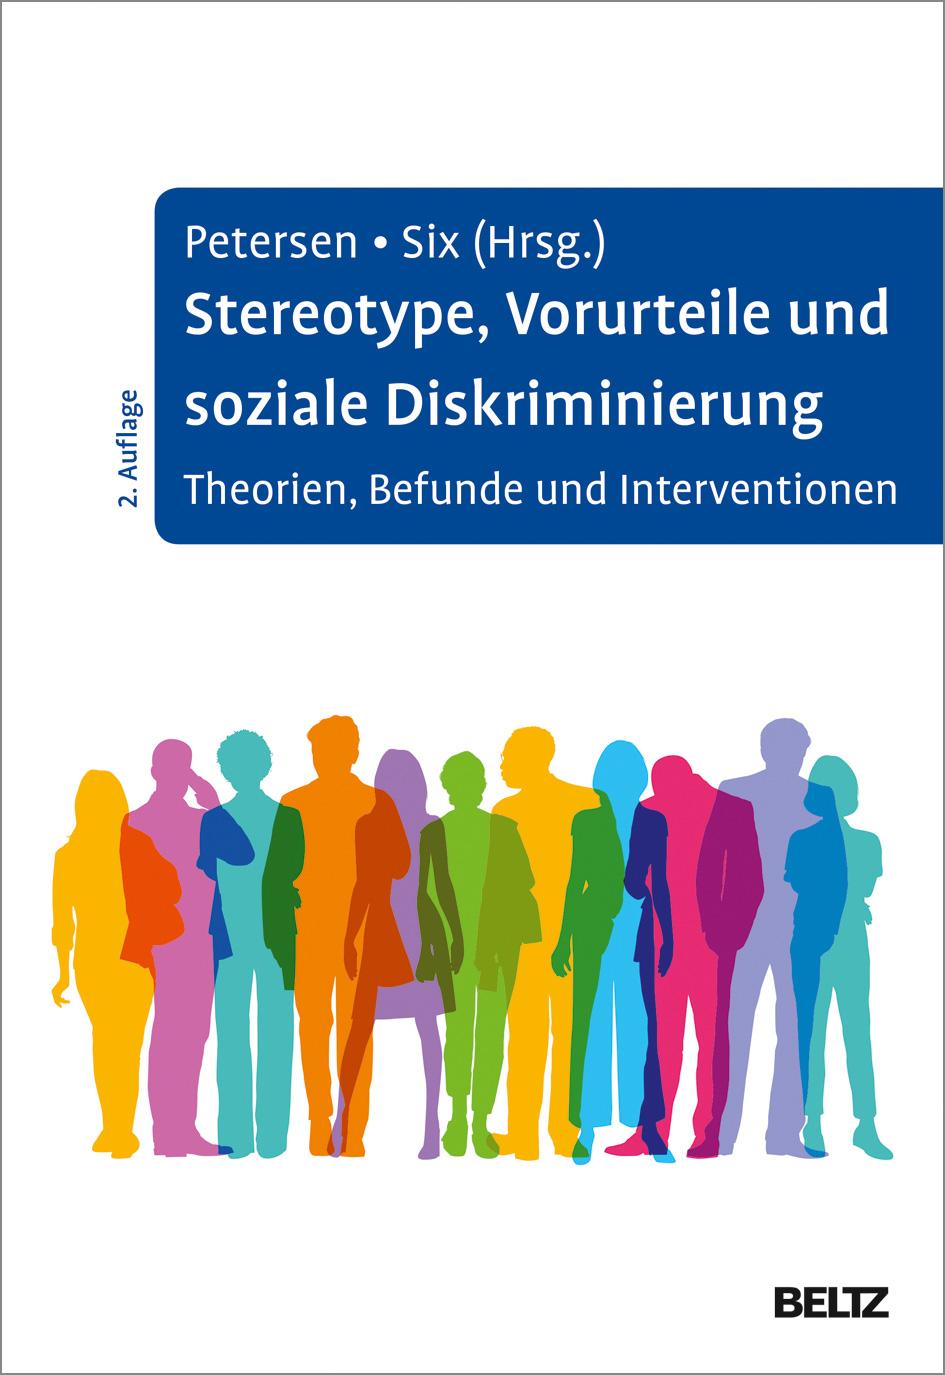 Stereotype, Vorurteile und soziale Diskriminierung